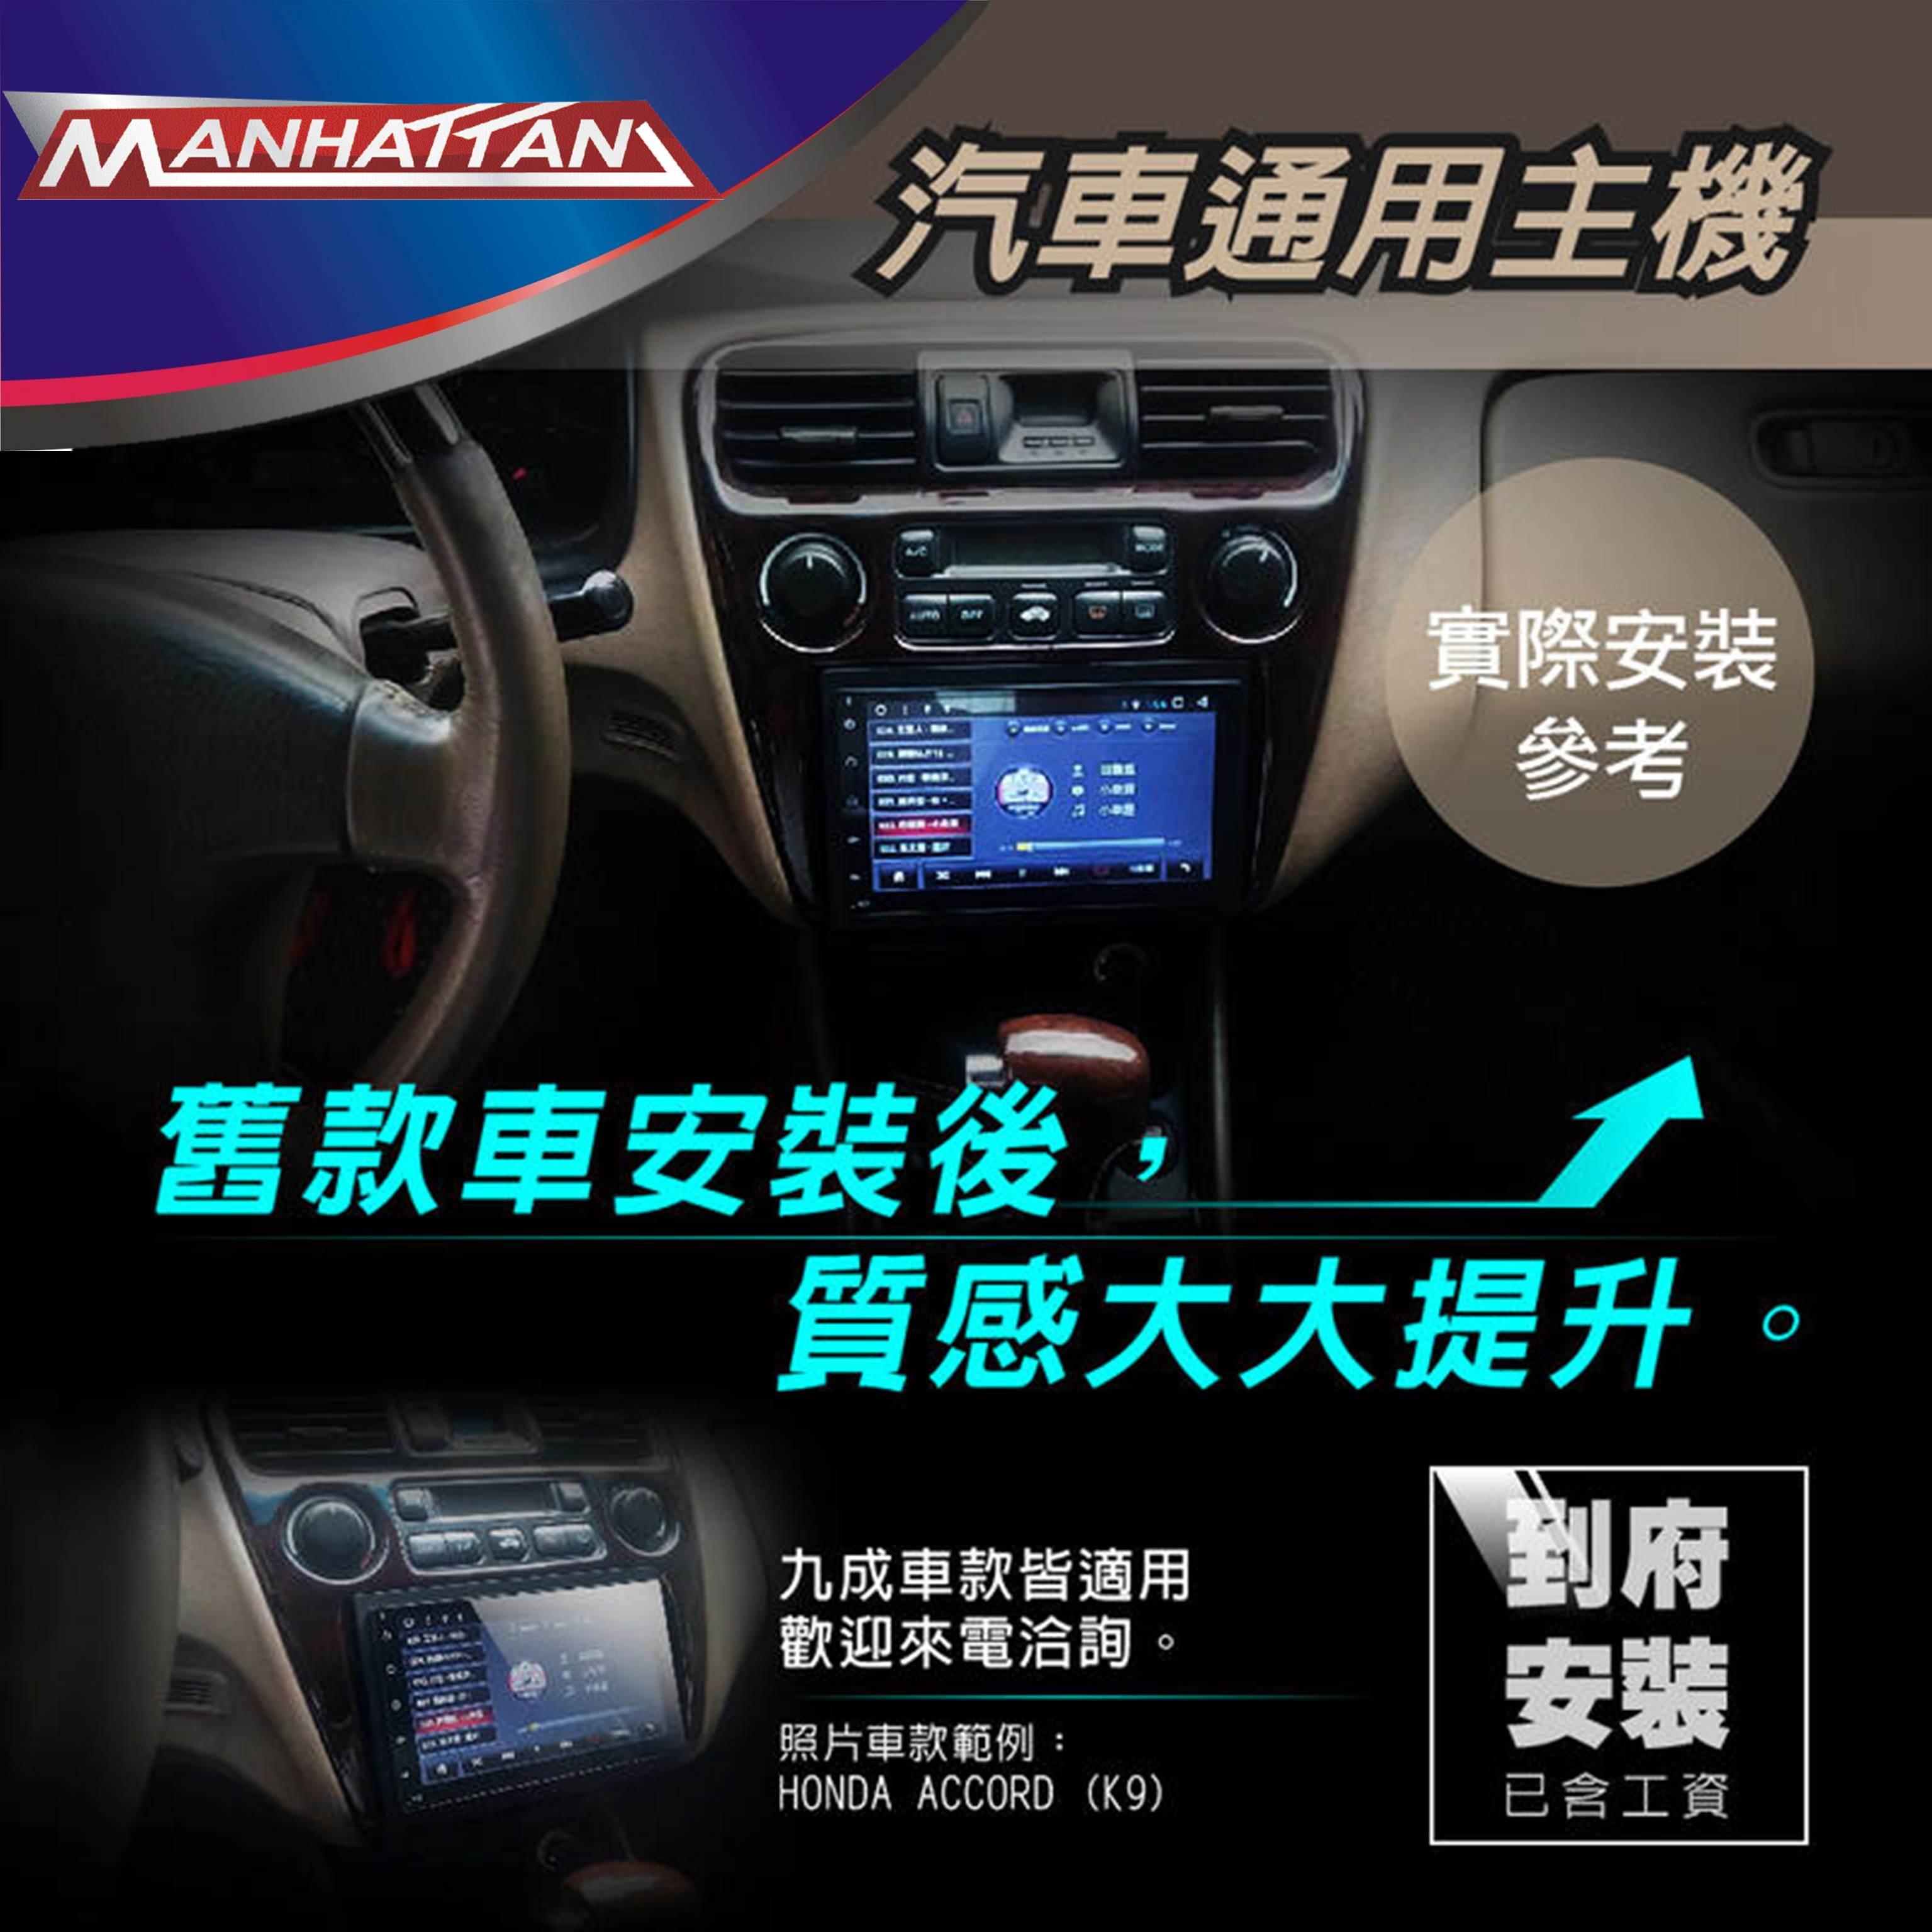 《免費到府安裝》訊息問車款 七吋通用安卓主機 全系列車種 專業套框機 四核心 導航 安卓主機 車機